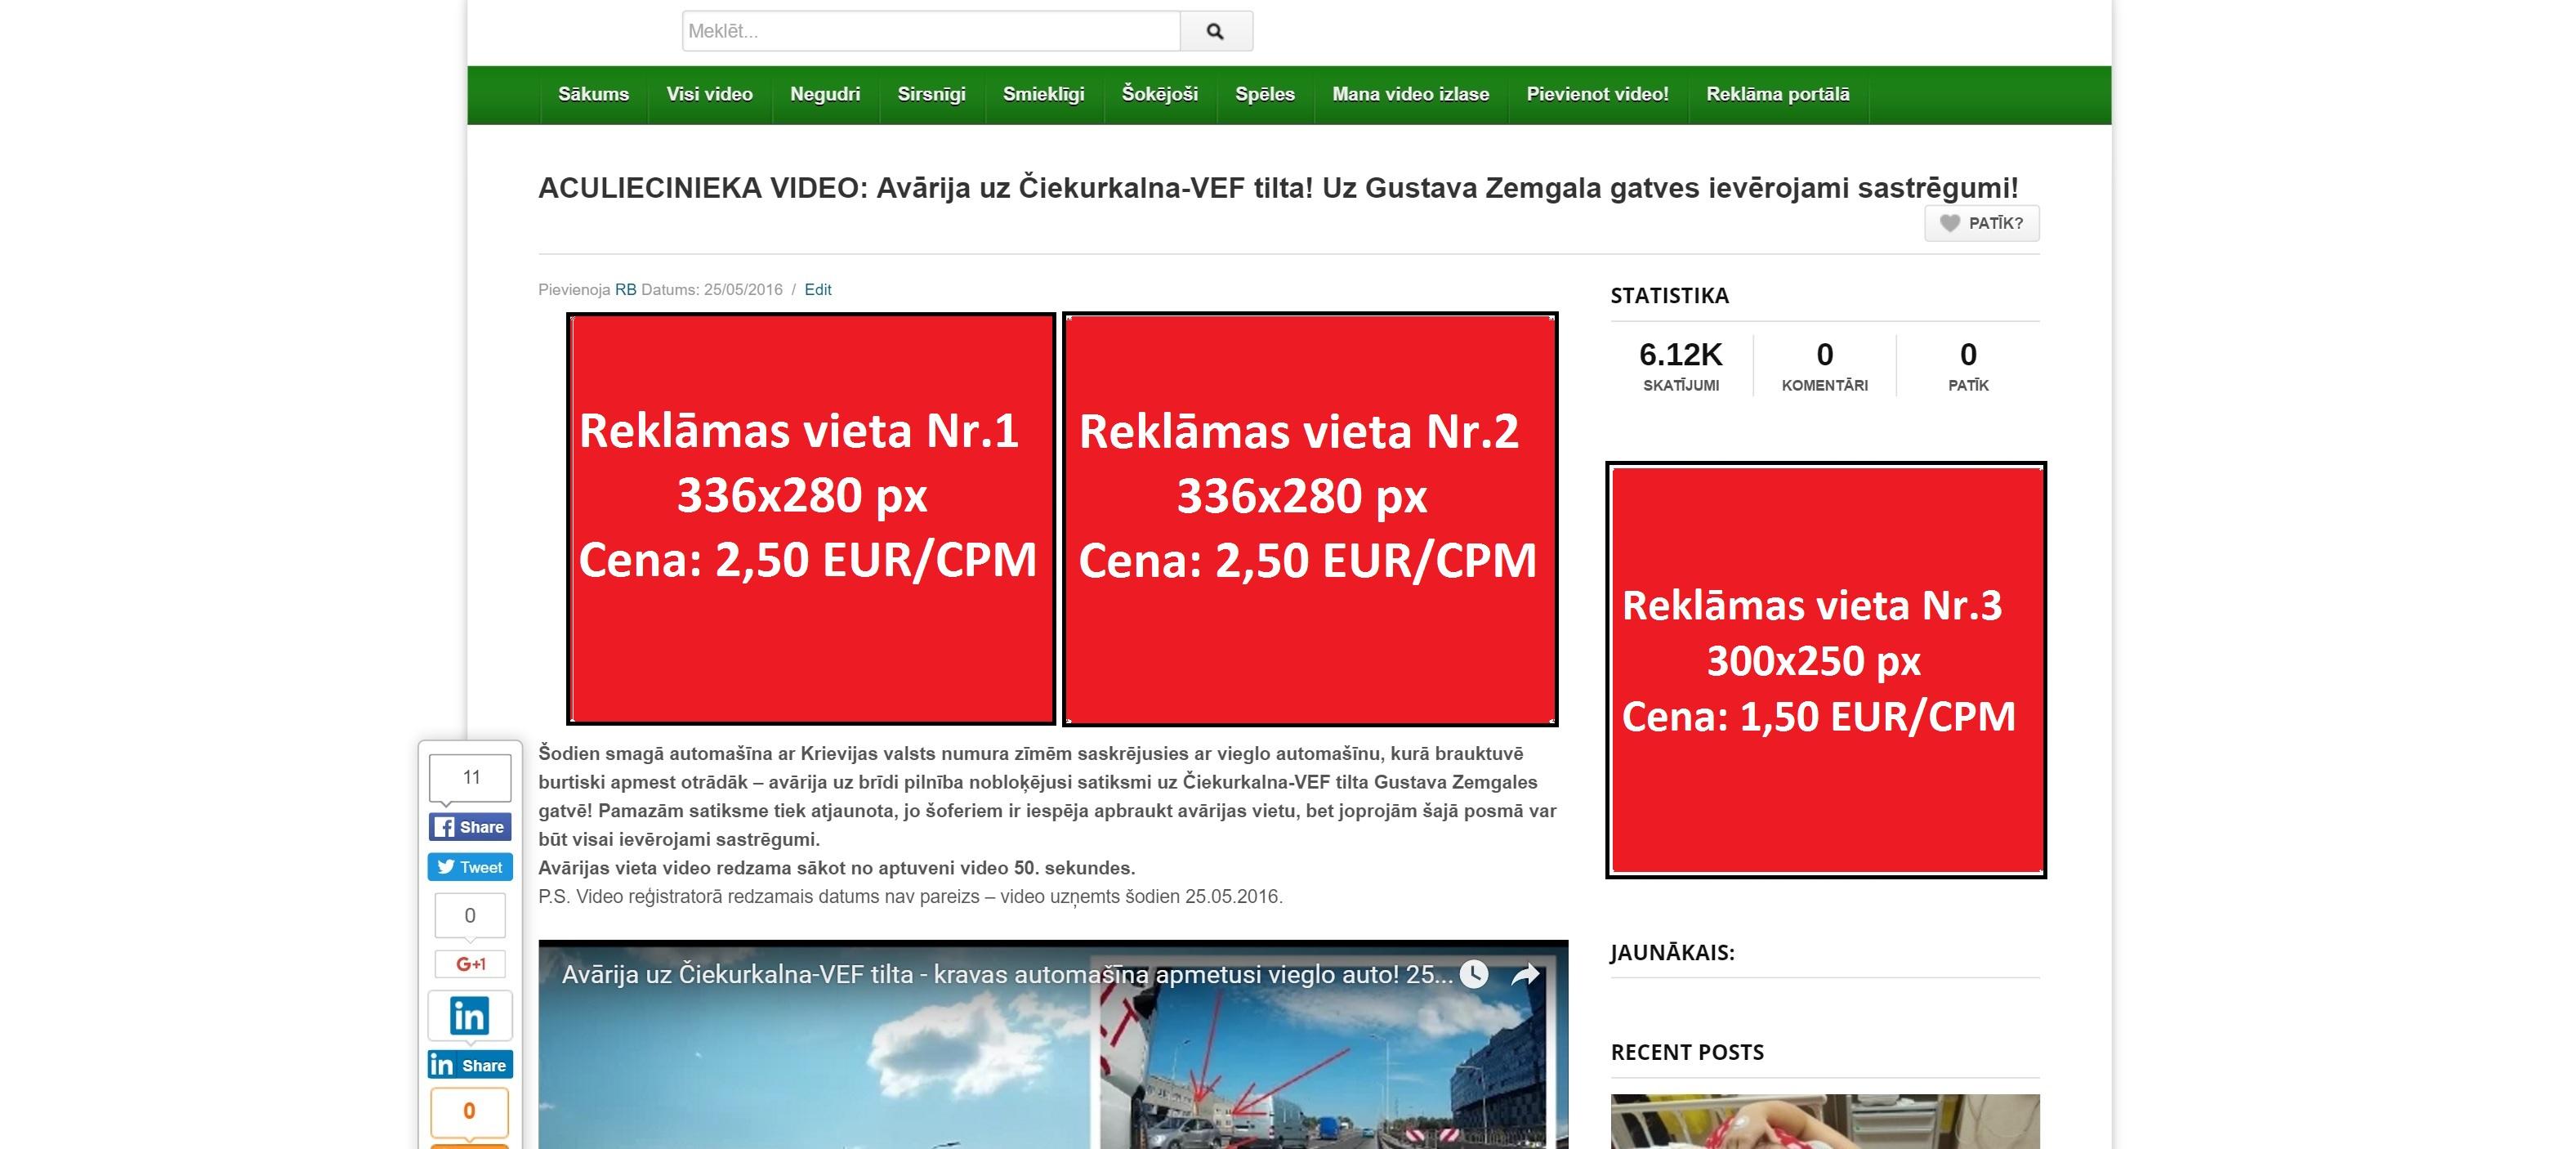 RB_reklamas_vieta_nr_1-2-3_S